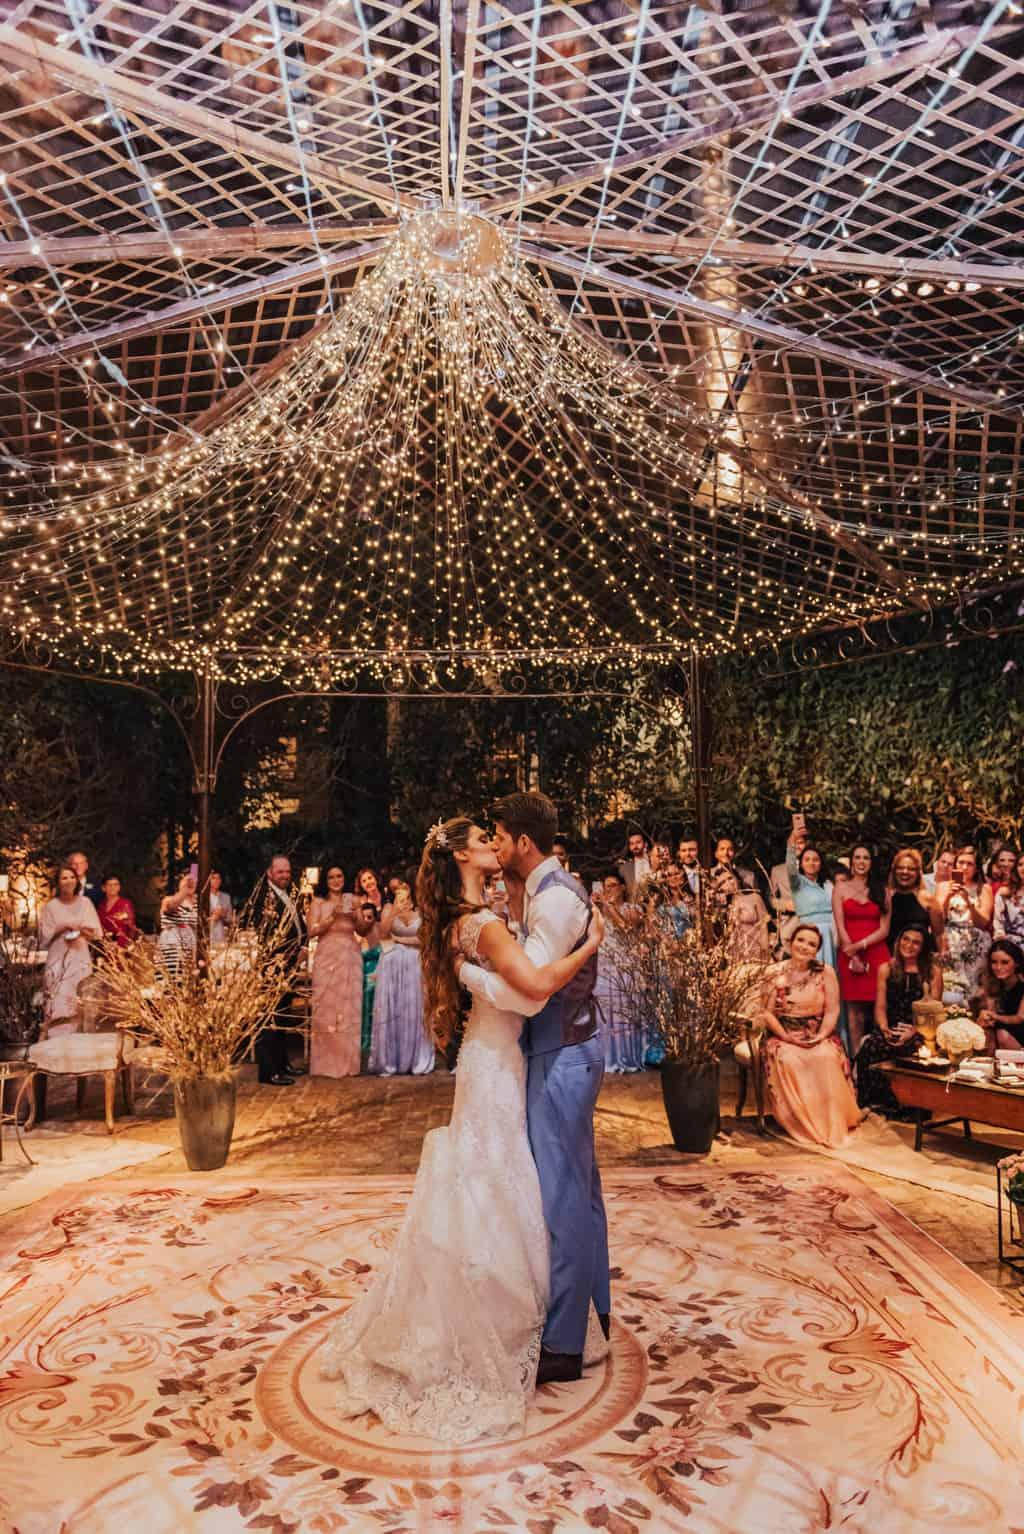 Boutique-de-Cena-casamento-Rebeca-e-Eldrey-Fazenda-Vila-Rica-Fotografia-Mana-Gollo-Toda-de-Branco84